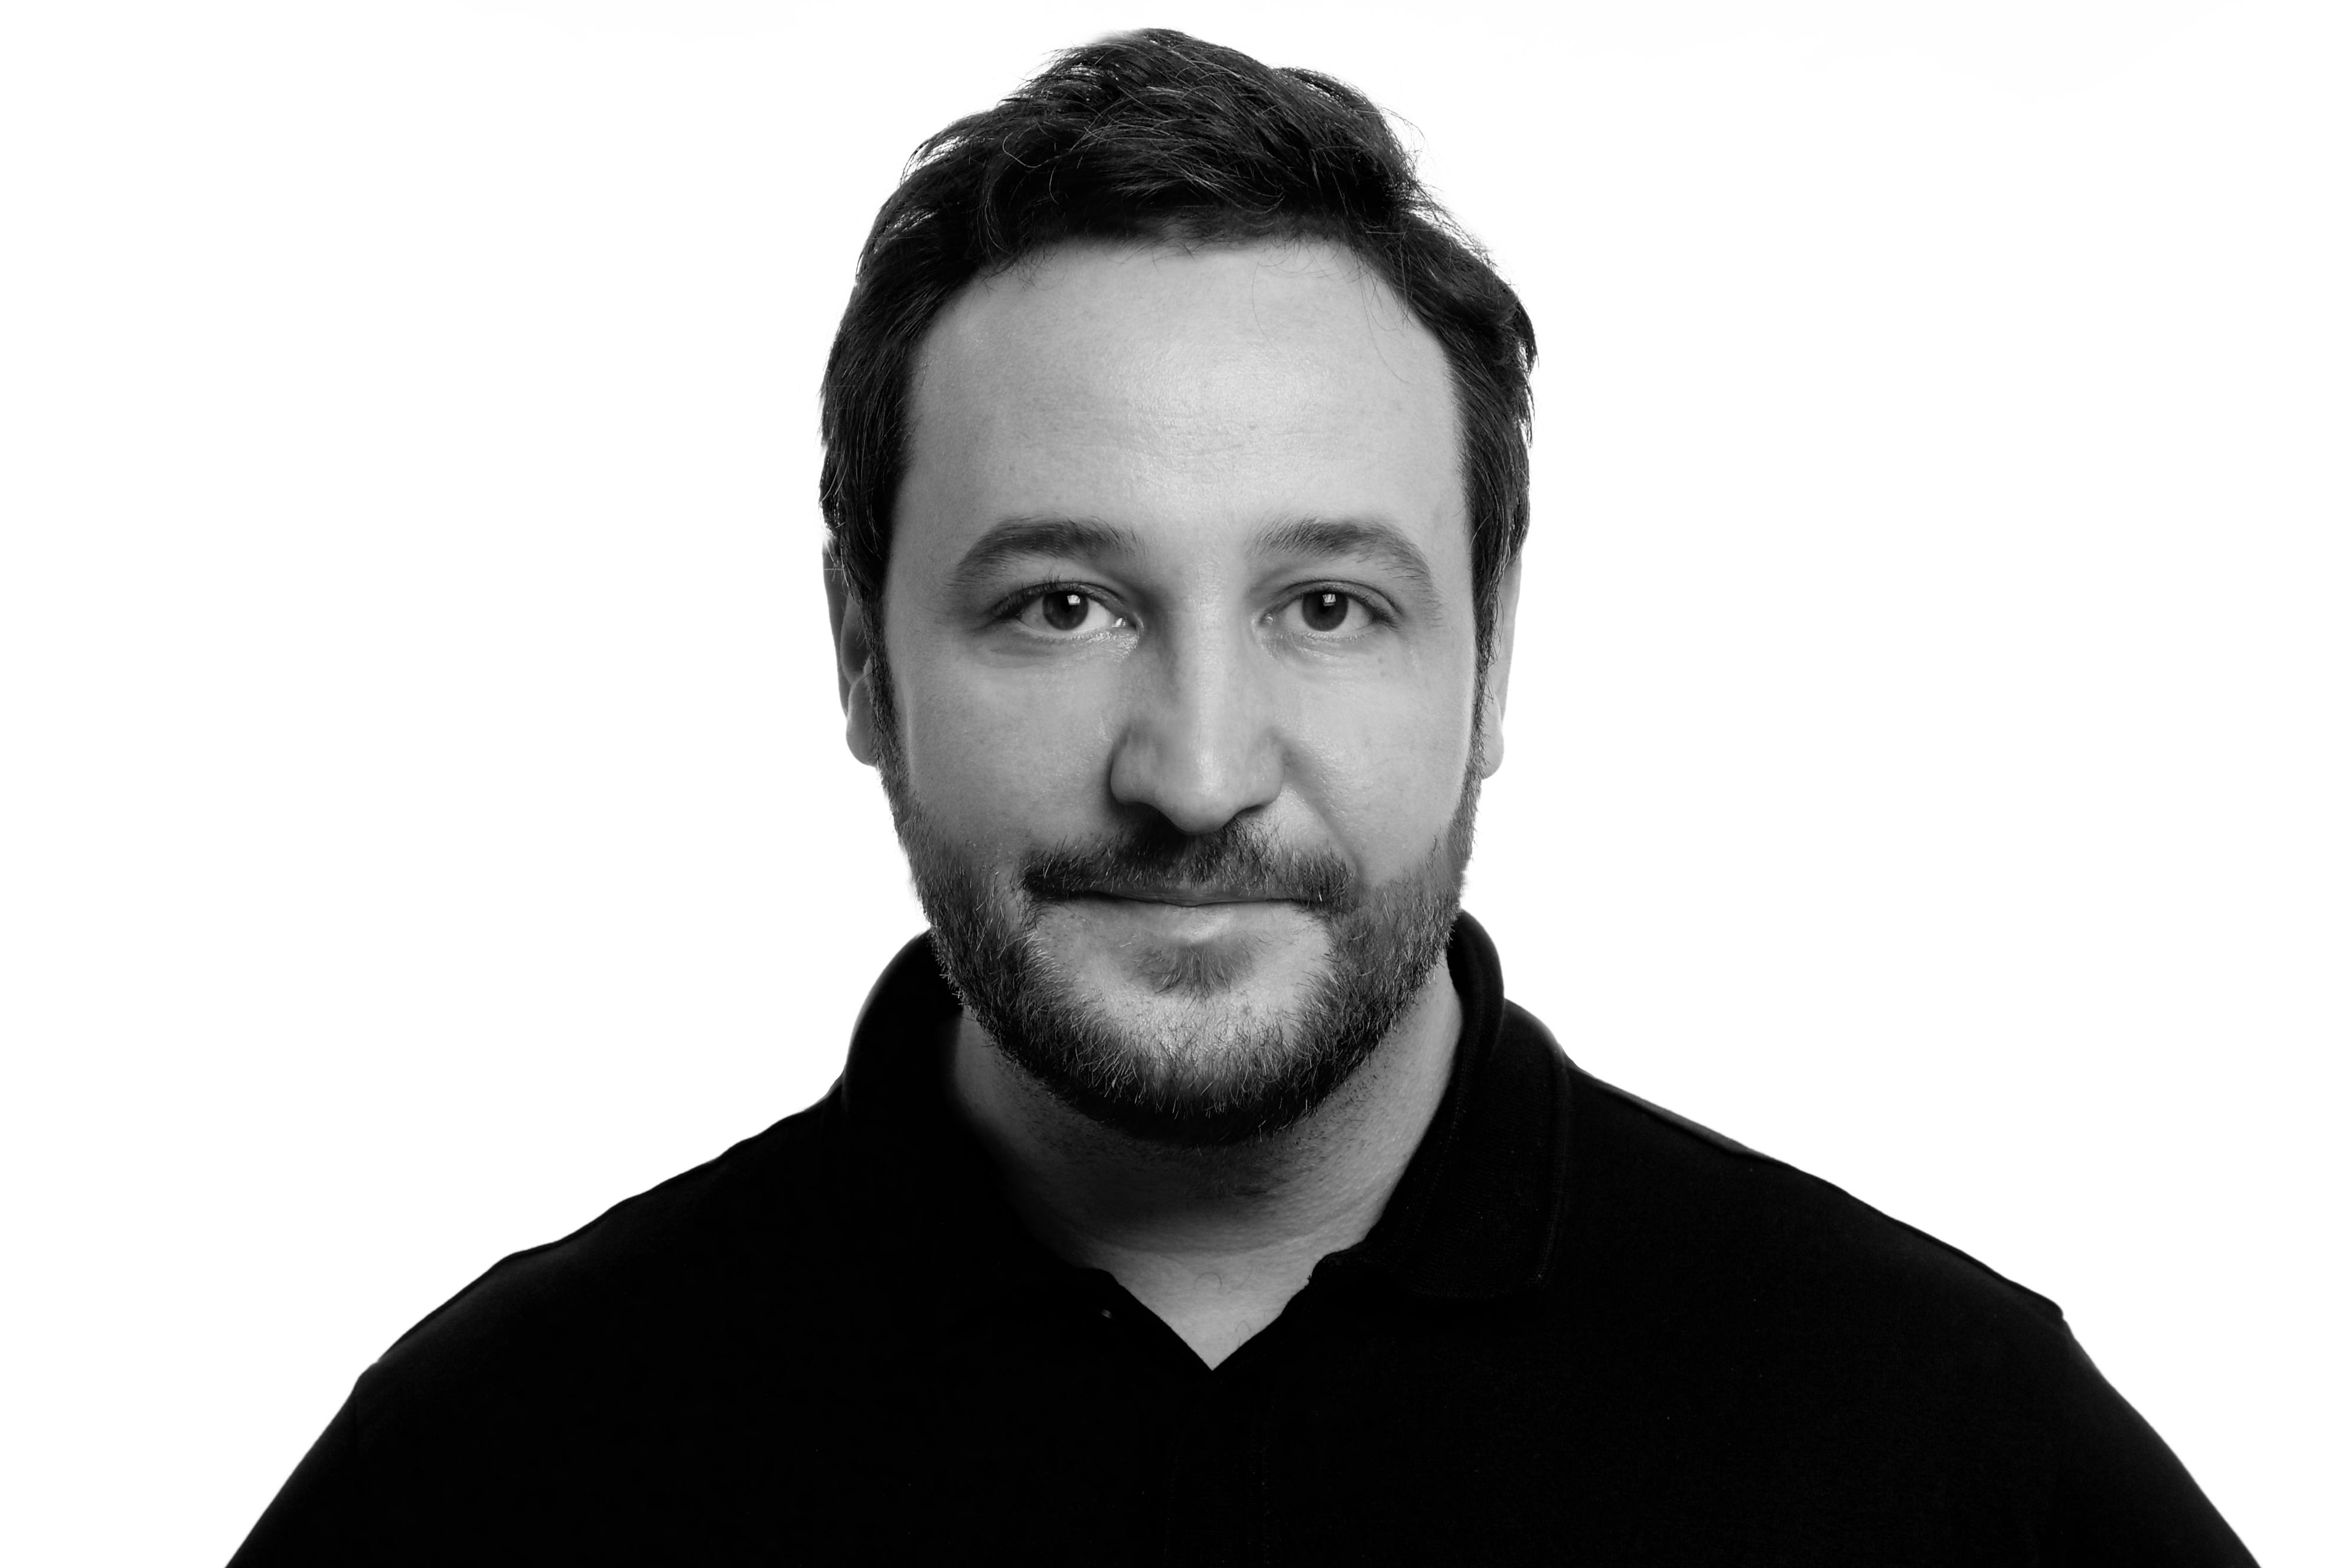 Alan Medina